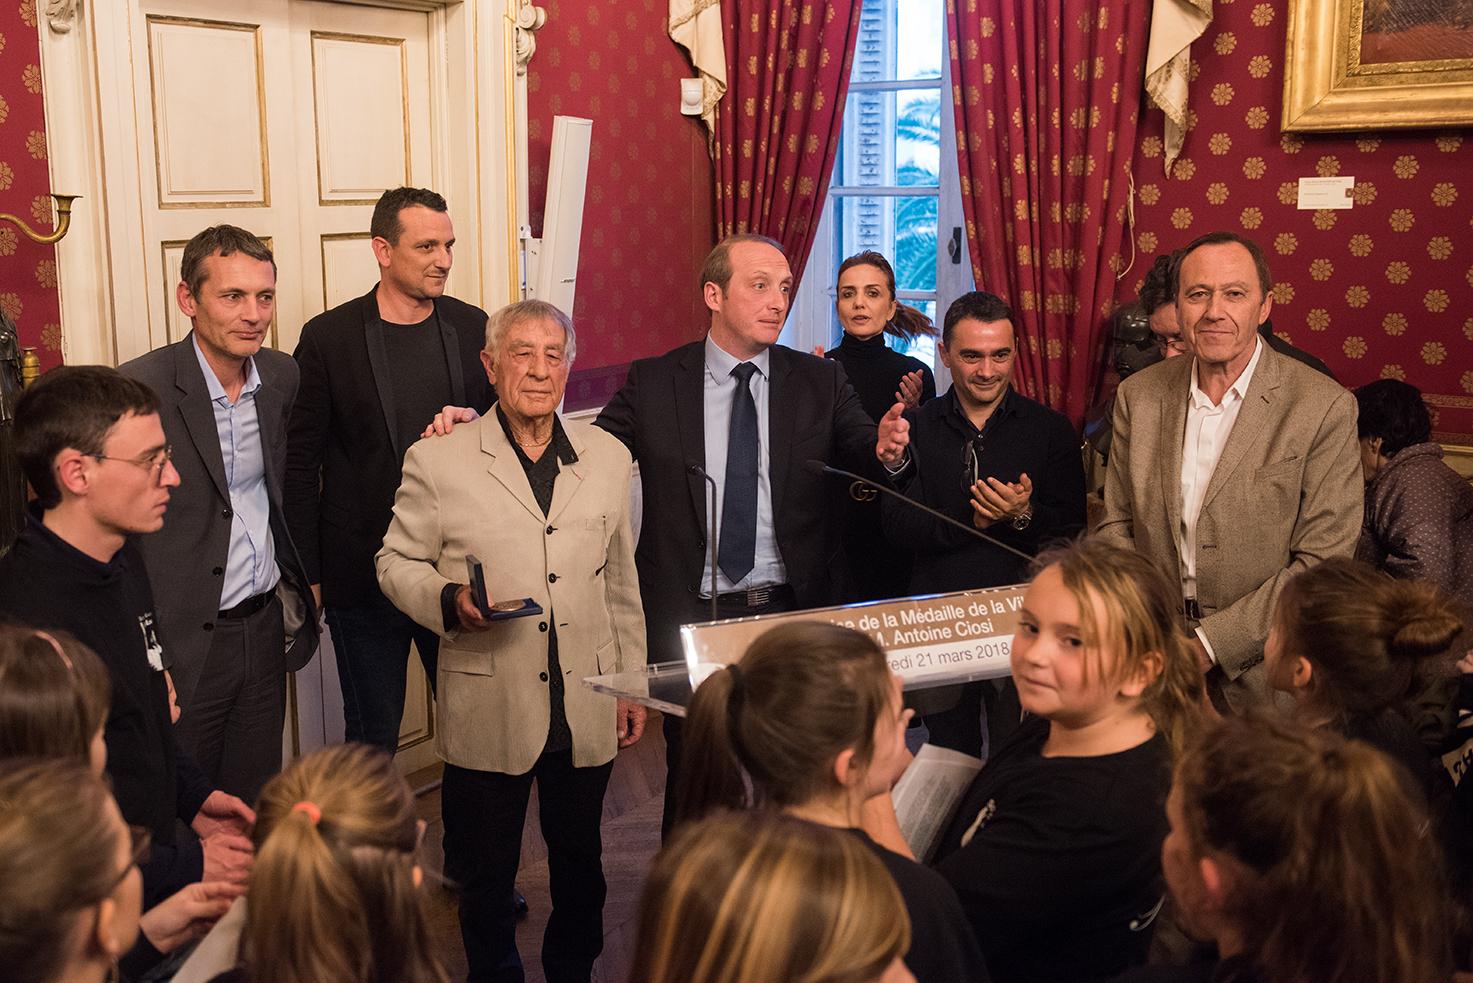 Remise de la Médaille de la Ville à Antoine Ciosi